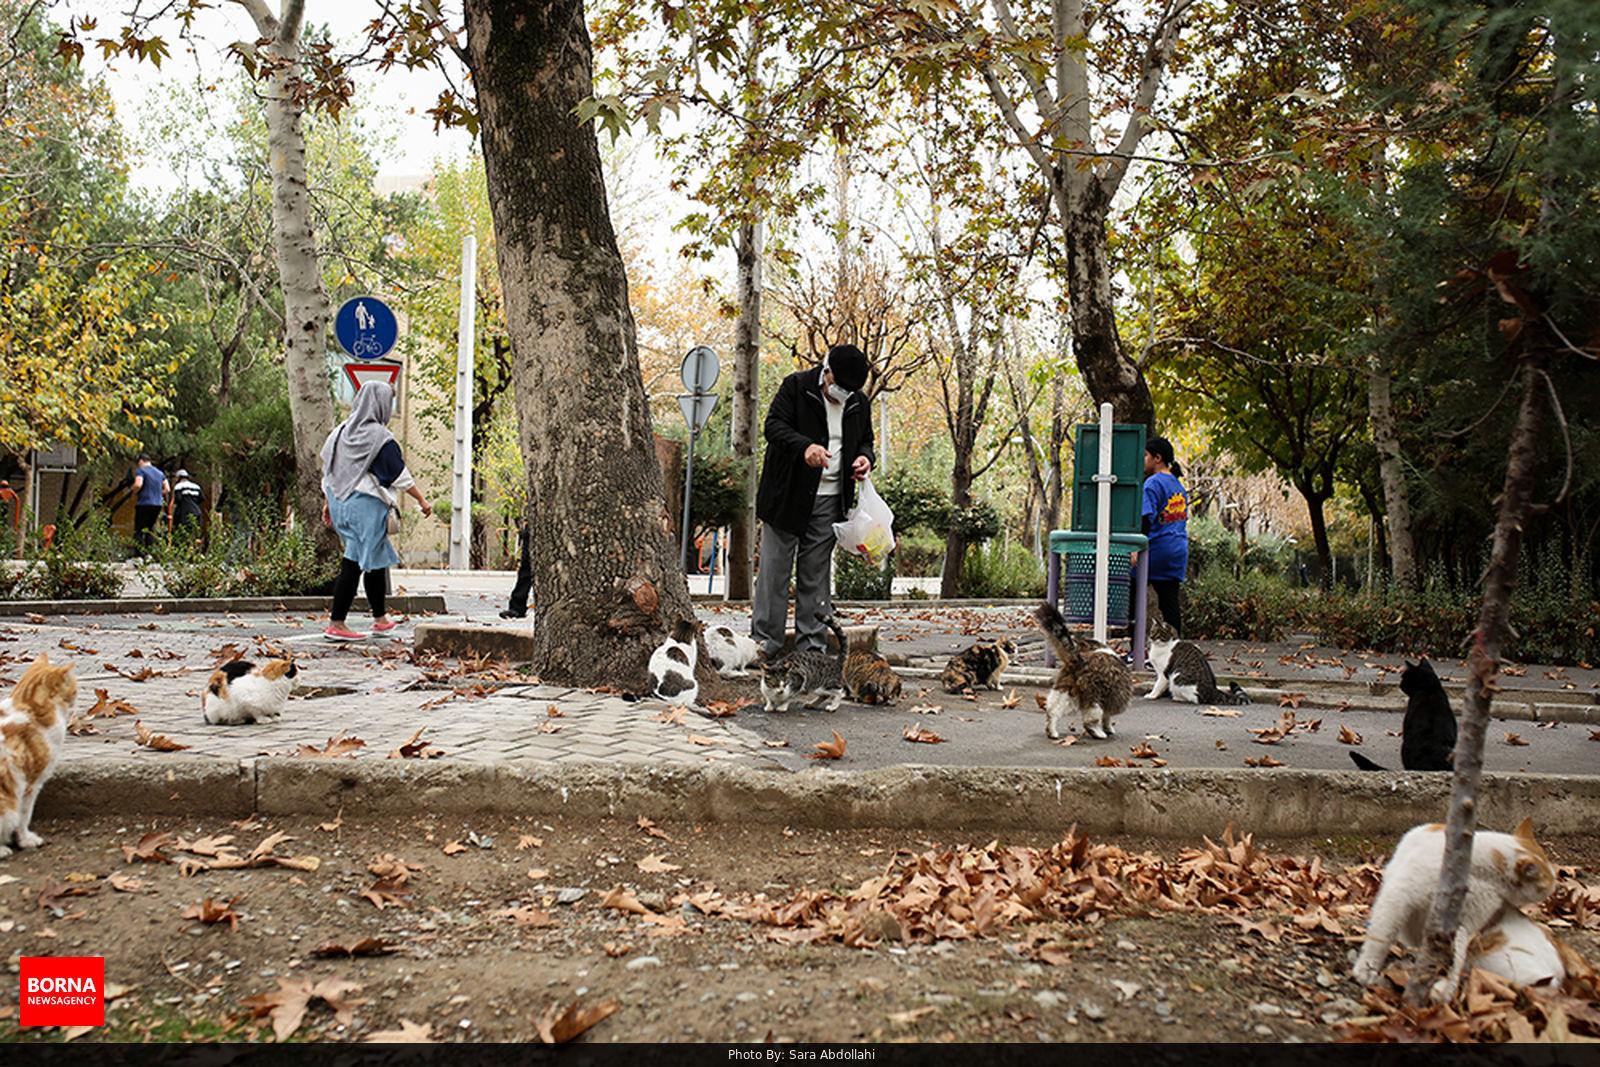 حال و هوای تهران بارانی و گربه های گرسنه در پارک لاله